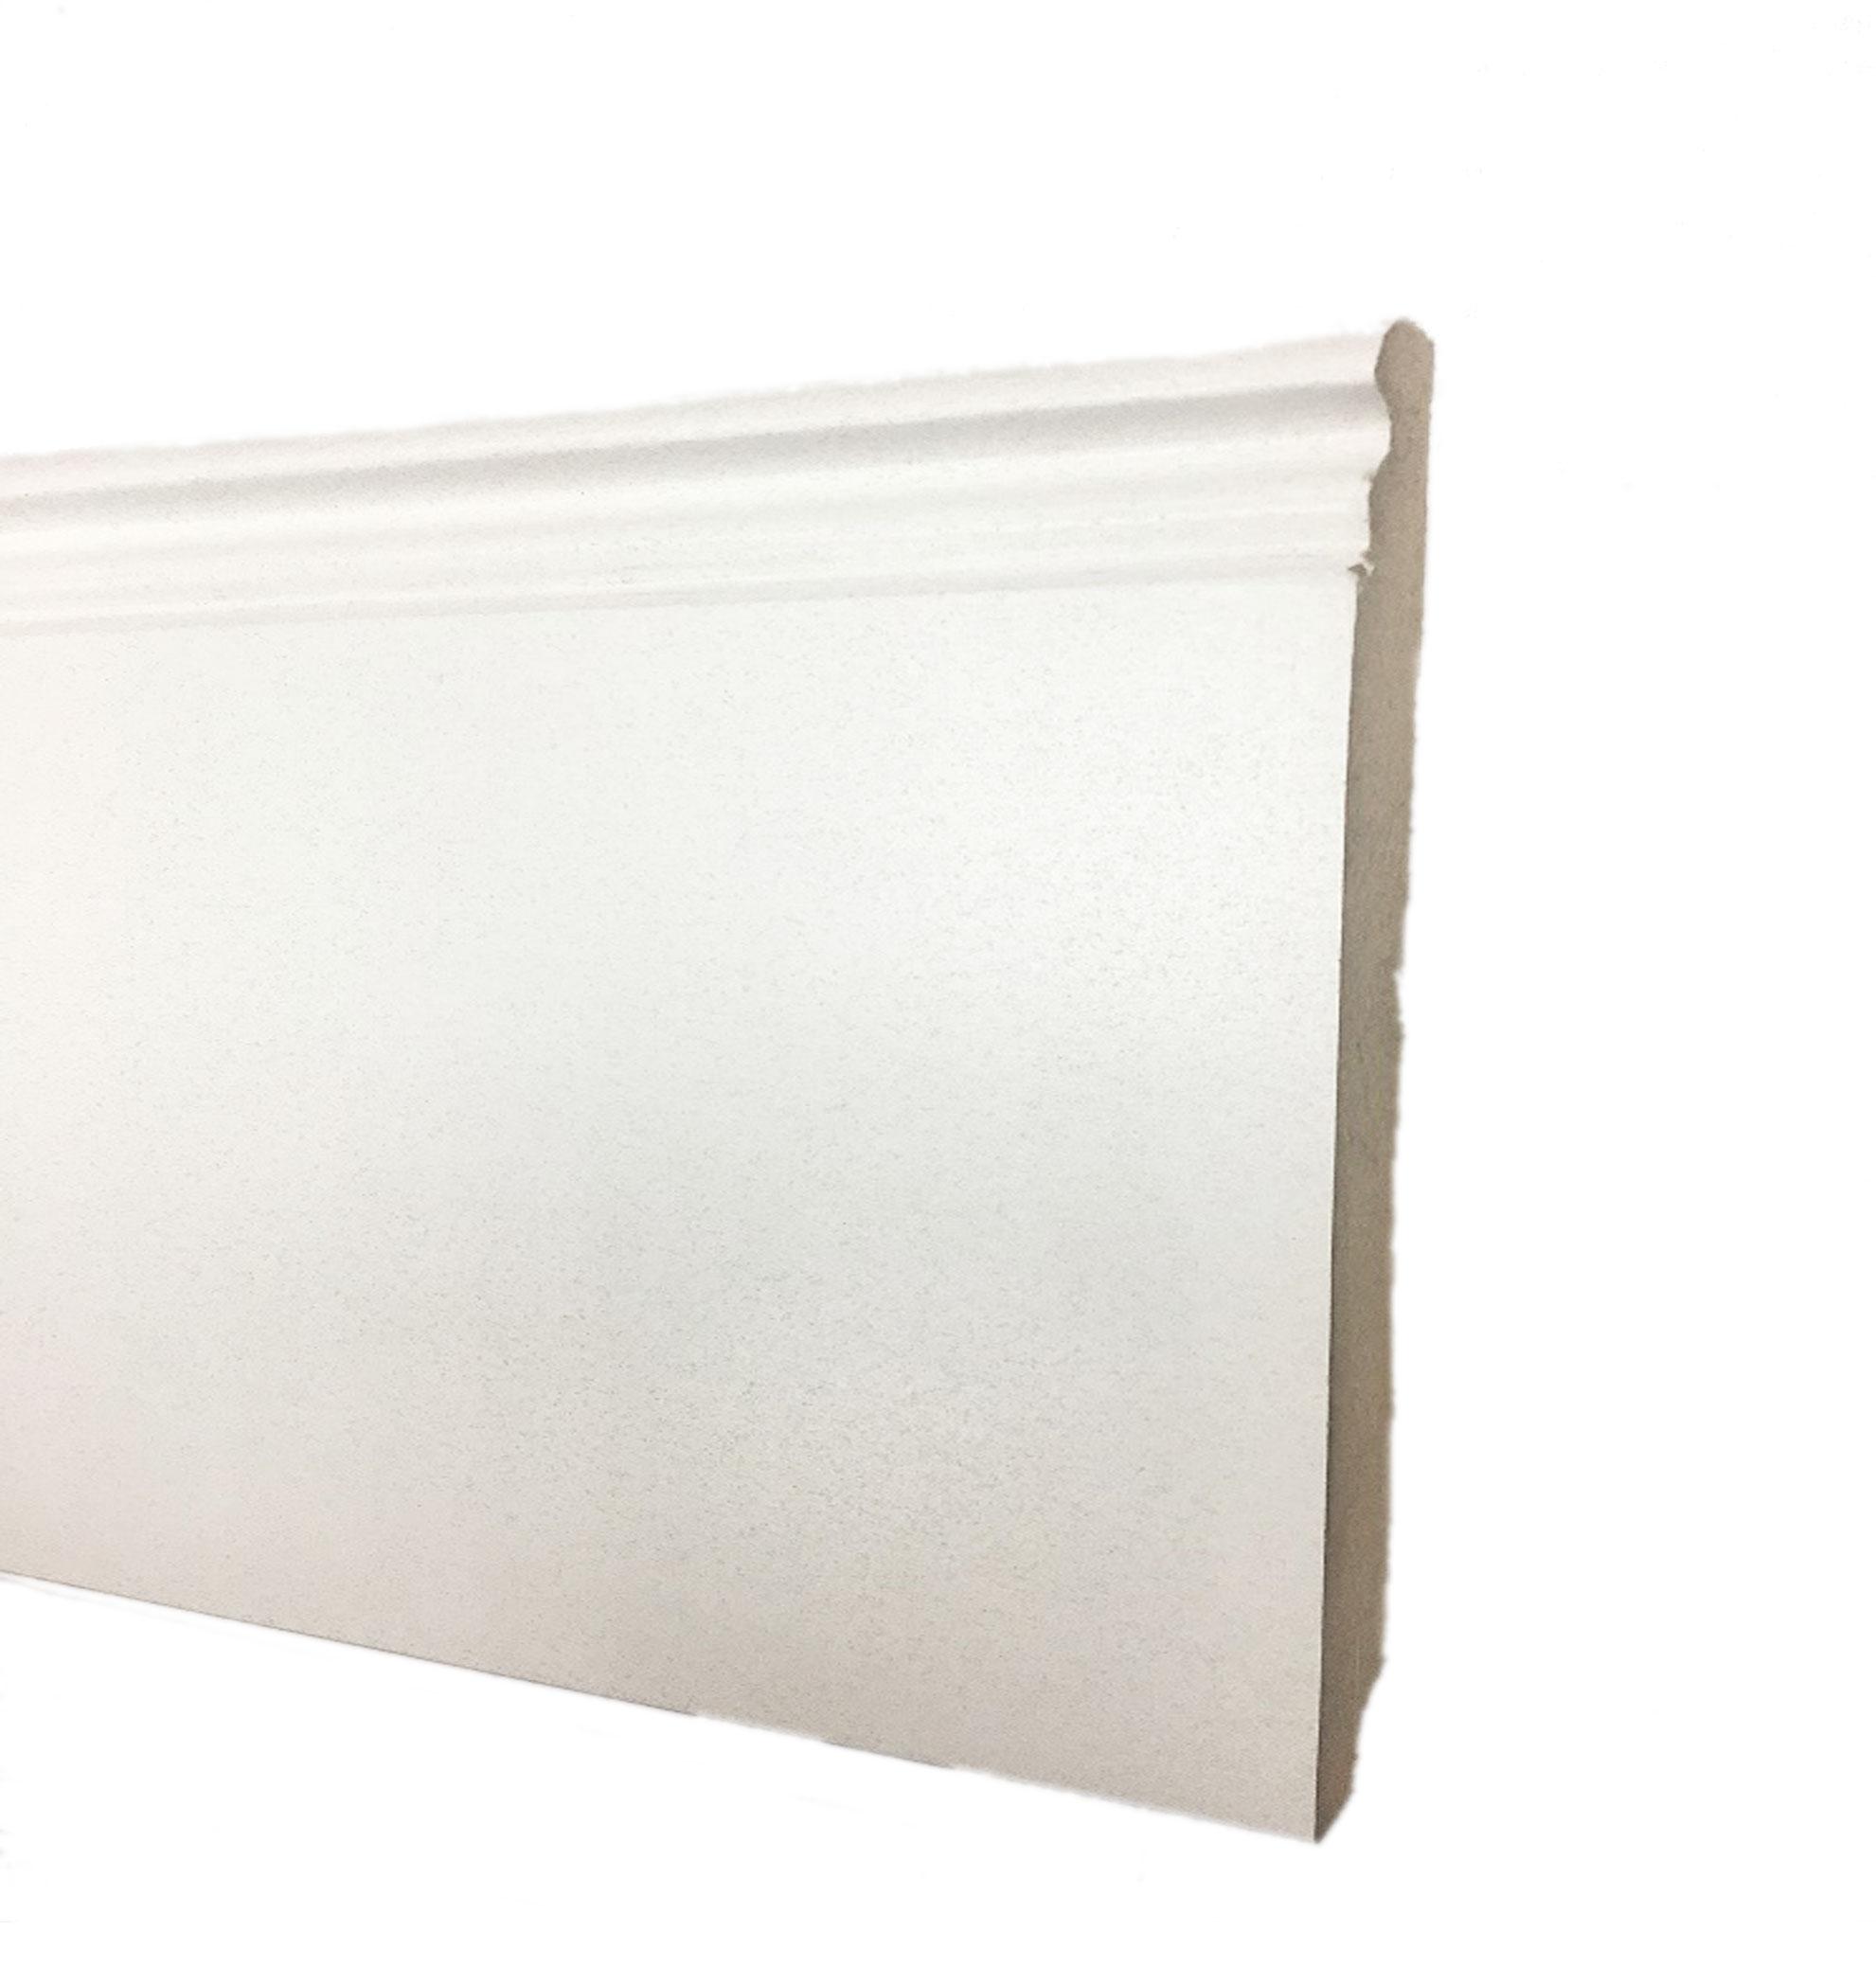 Plinthe de haute qualite - Plinthe mdf 100x19x2500mm moulure blanche